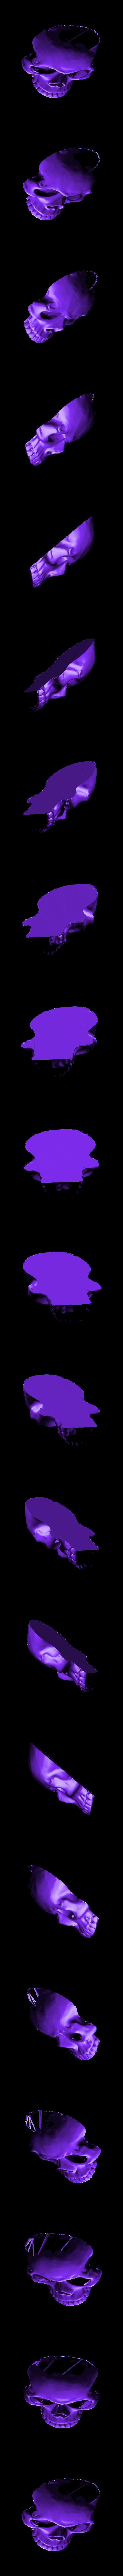 Halfskull_v2.stl Télécharger fichier STL gratuit Skull • Plan à imprimer en 3D, Thebrakshow